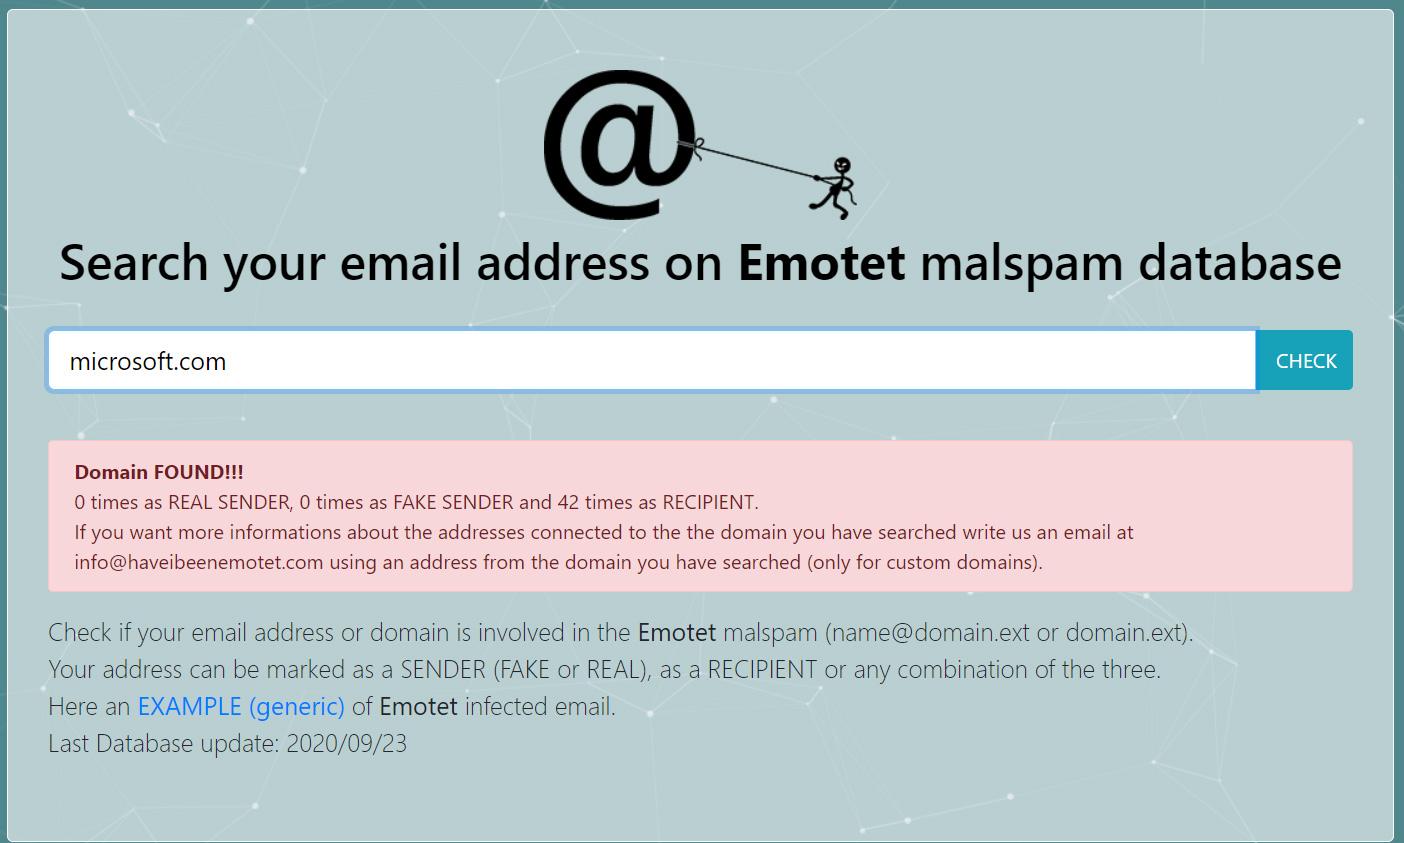 Emotet emails targeting microsoft.com